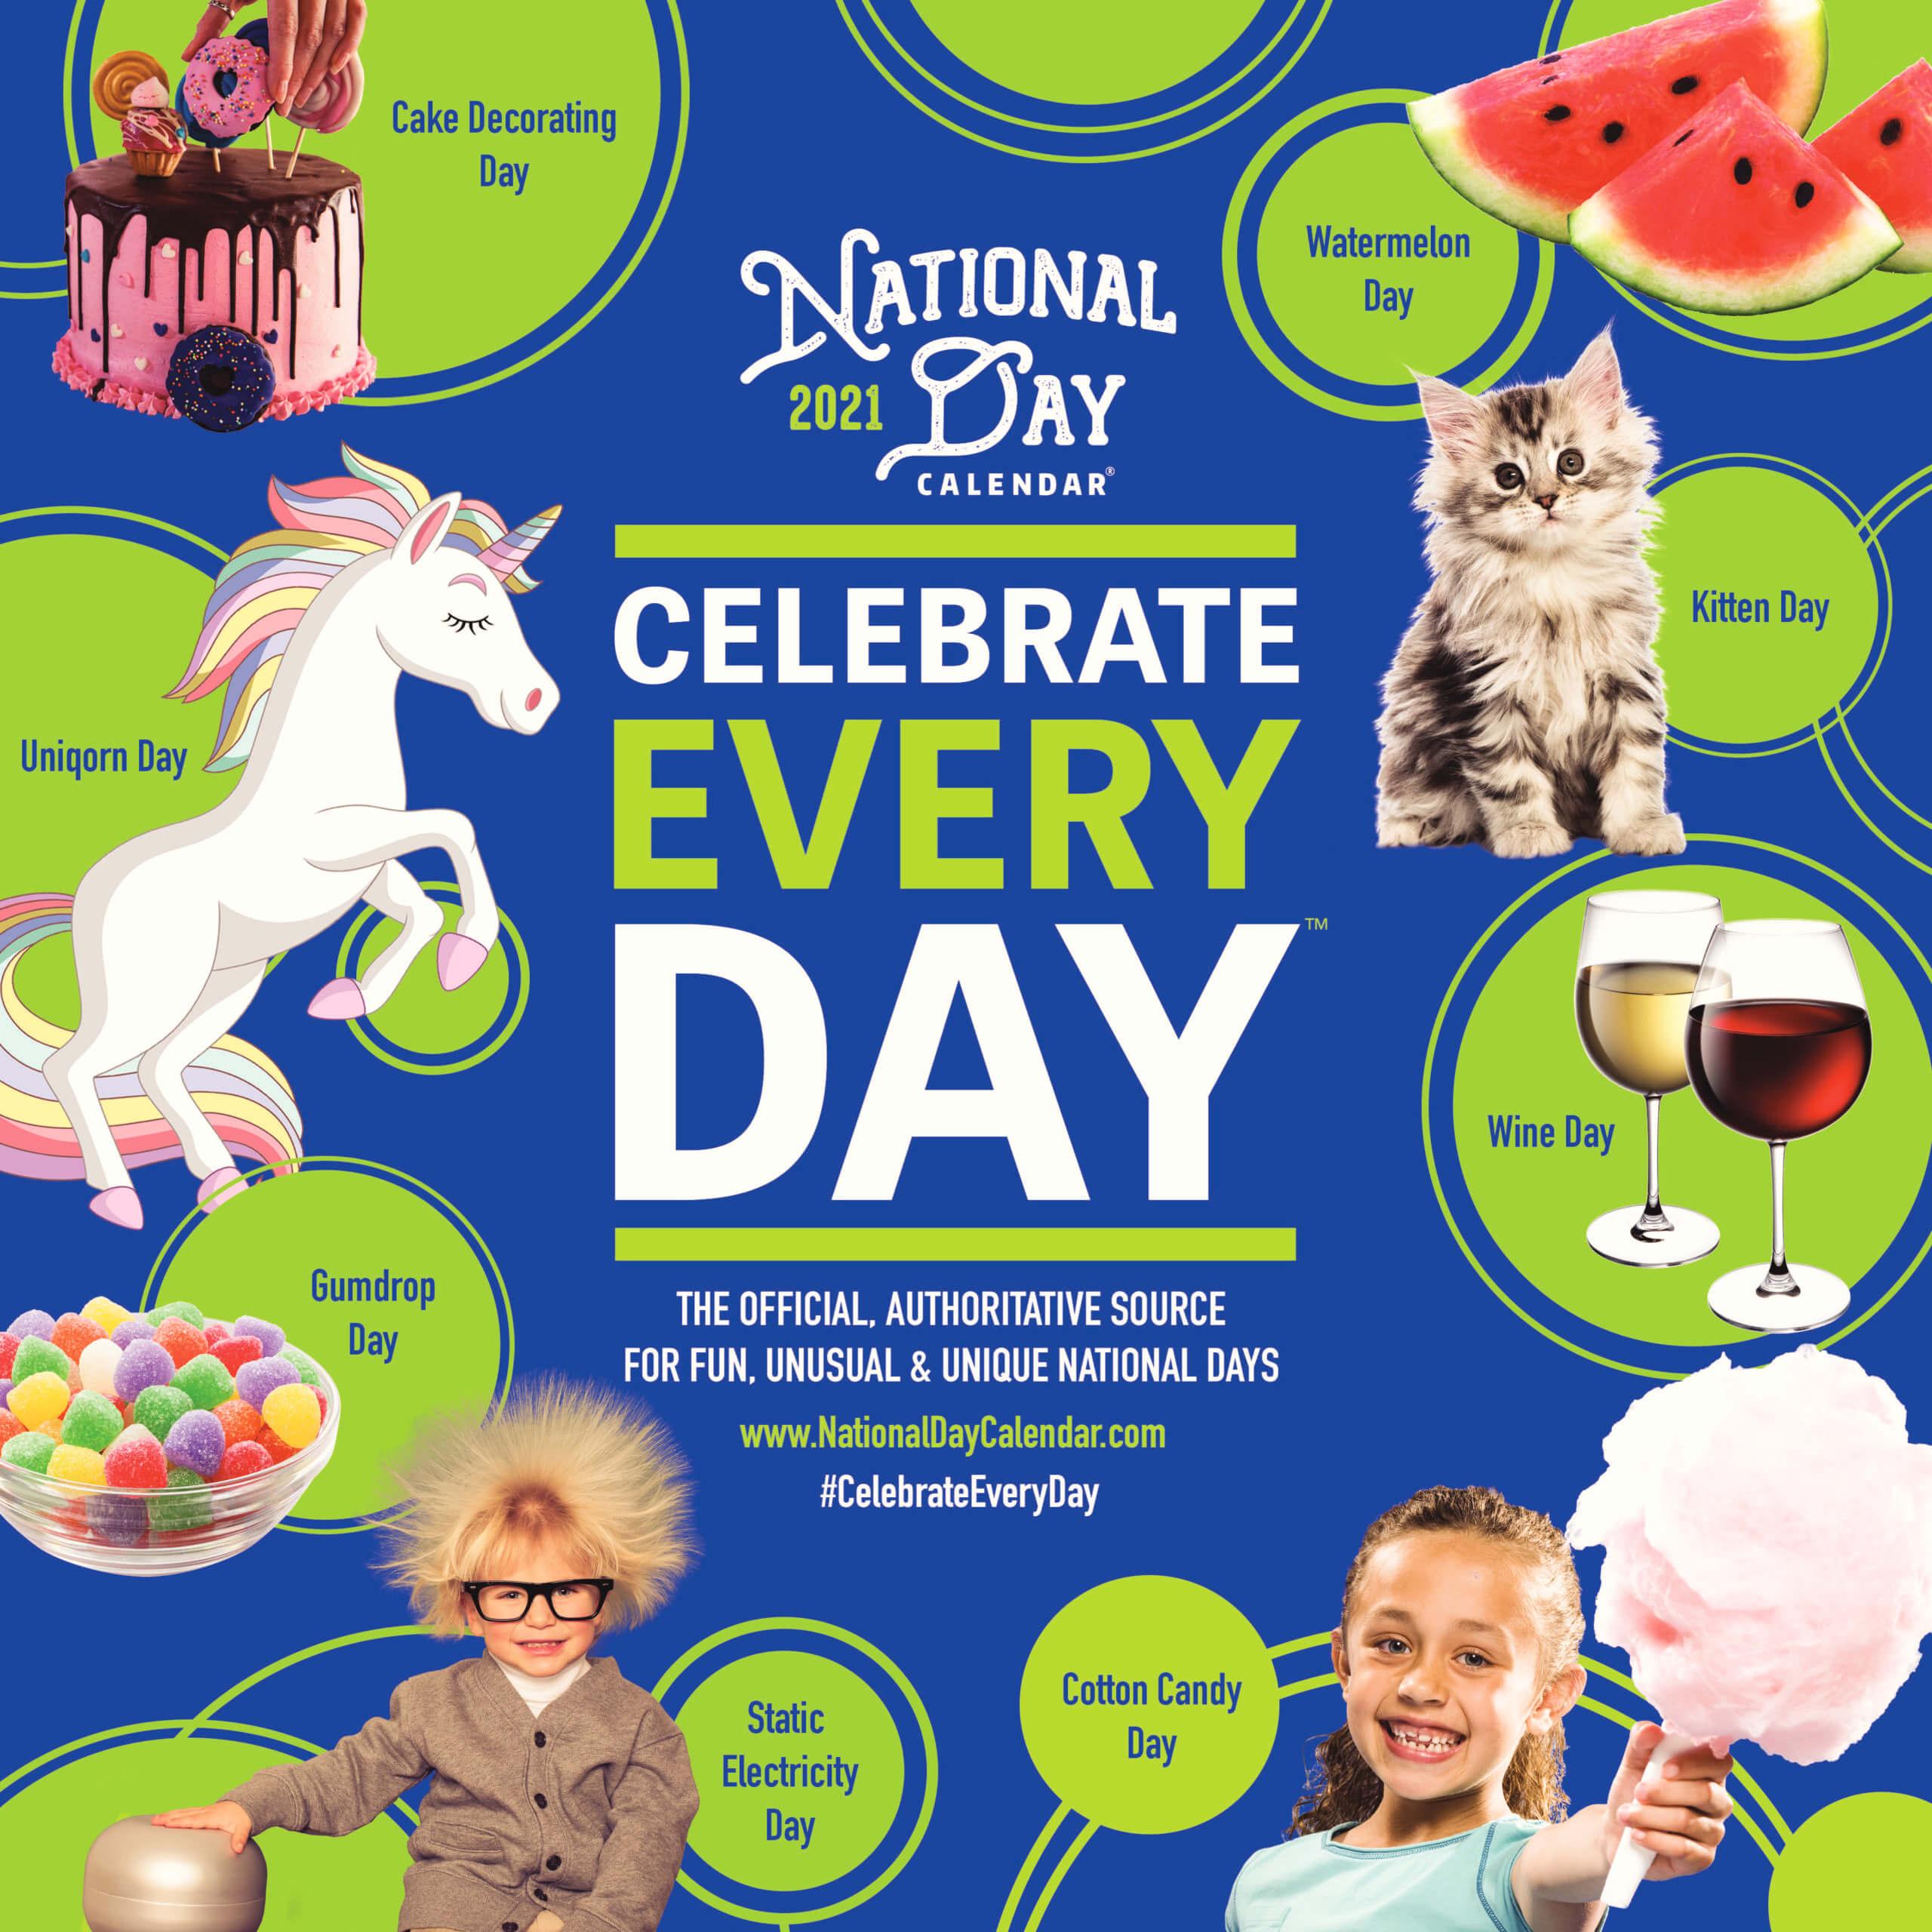 National Day Calendar 2021 March Photos